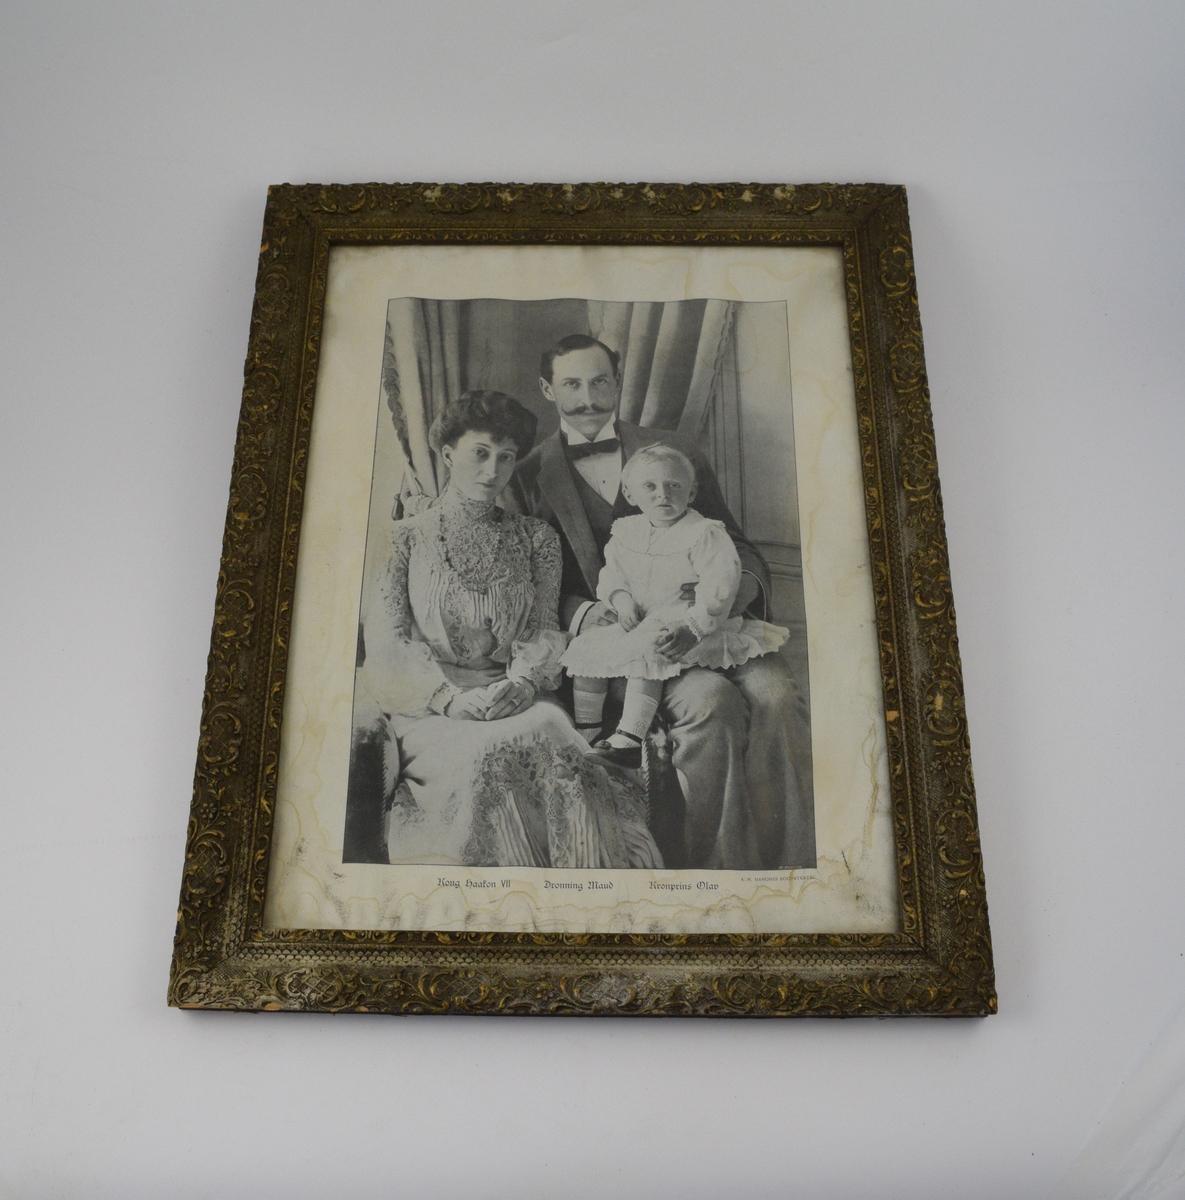 Ung mann sittende med et barn på fanget. En kvinne sitter ved hans høyre side, litt foran ham. Draperinger like bak dem, trolig forran et vindu. Personene på bildet er kong Haakon VIII, dronning Maud og kronprins Olav.